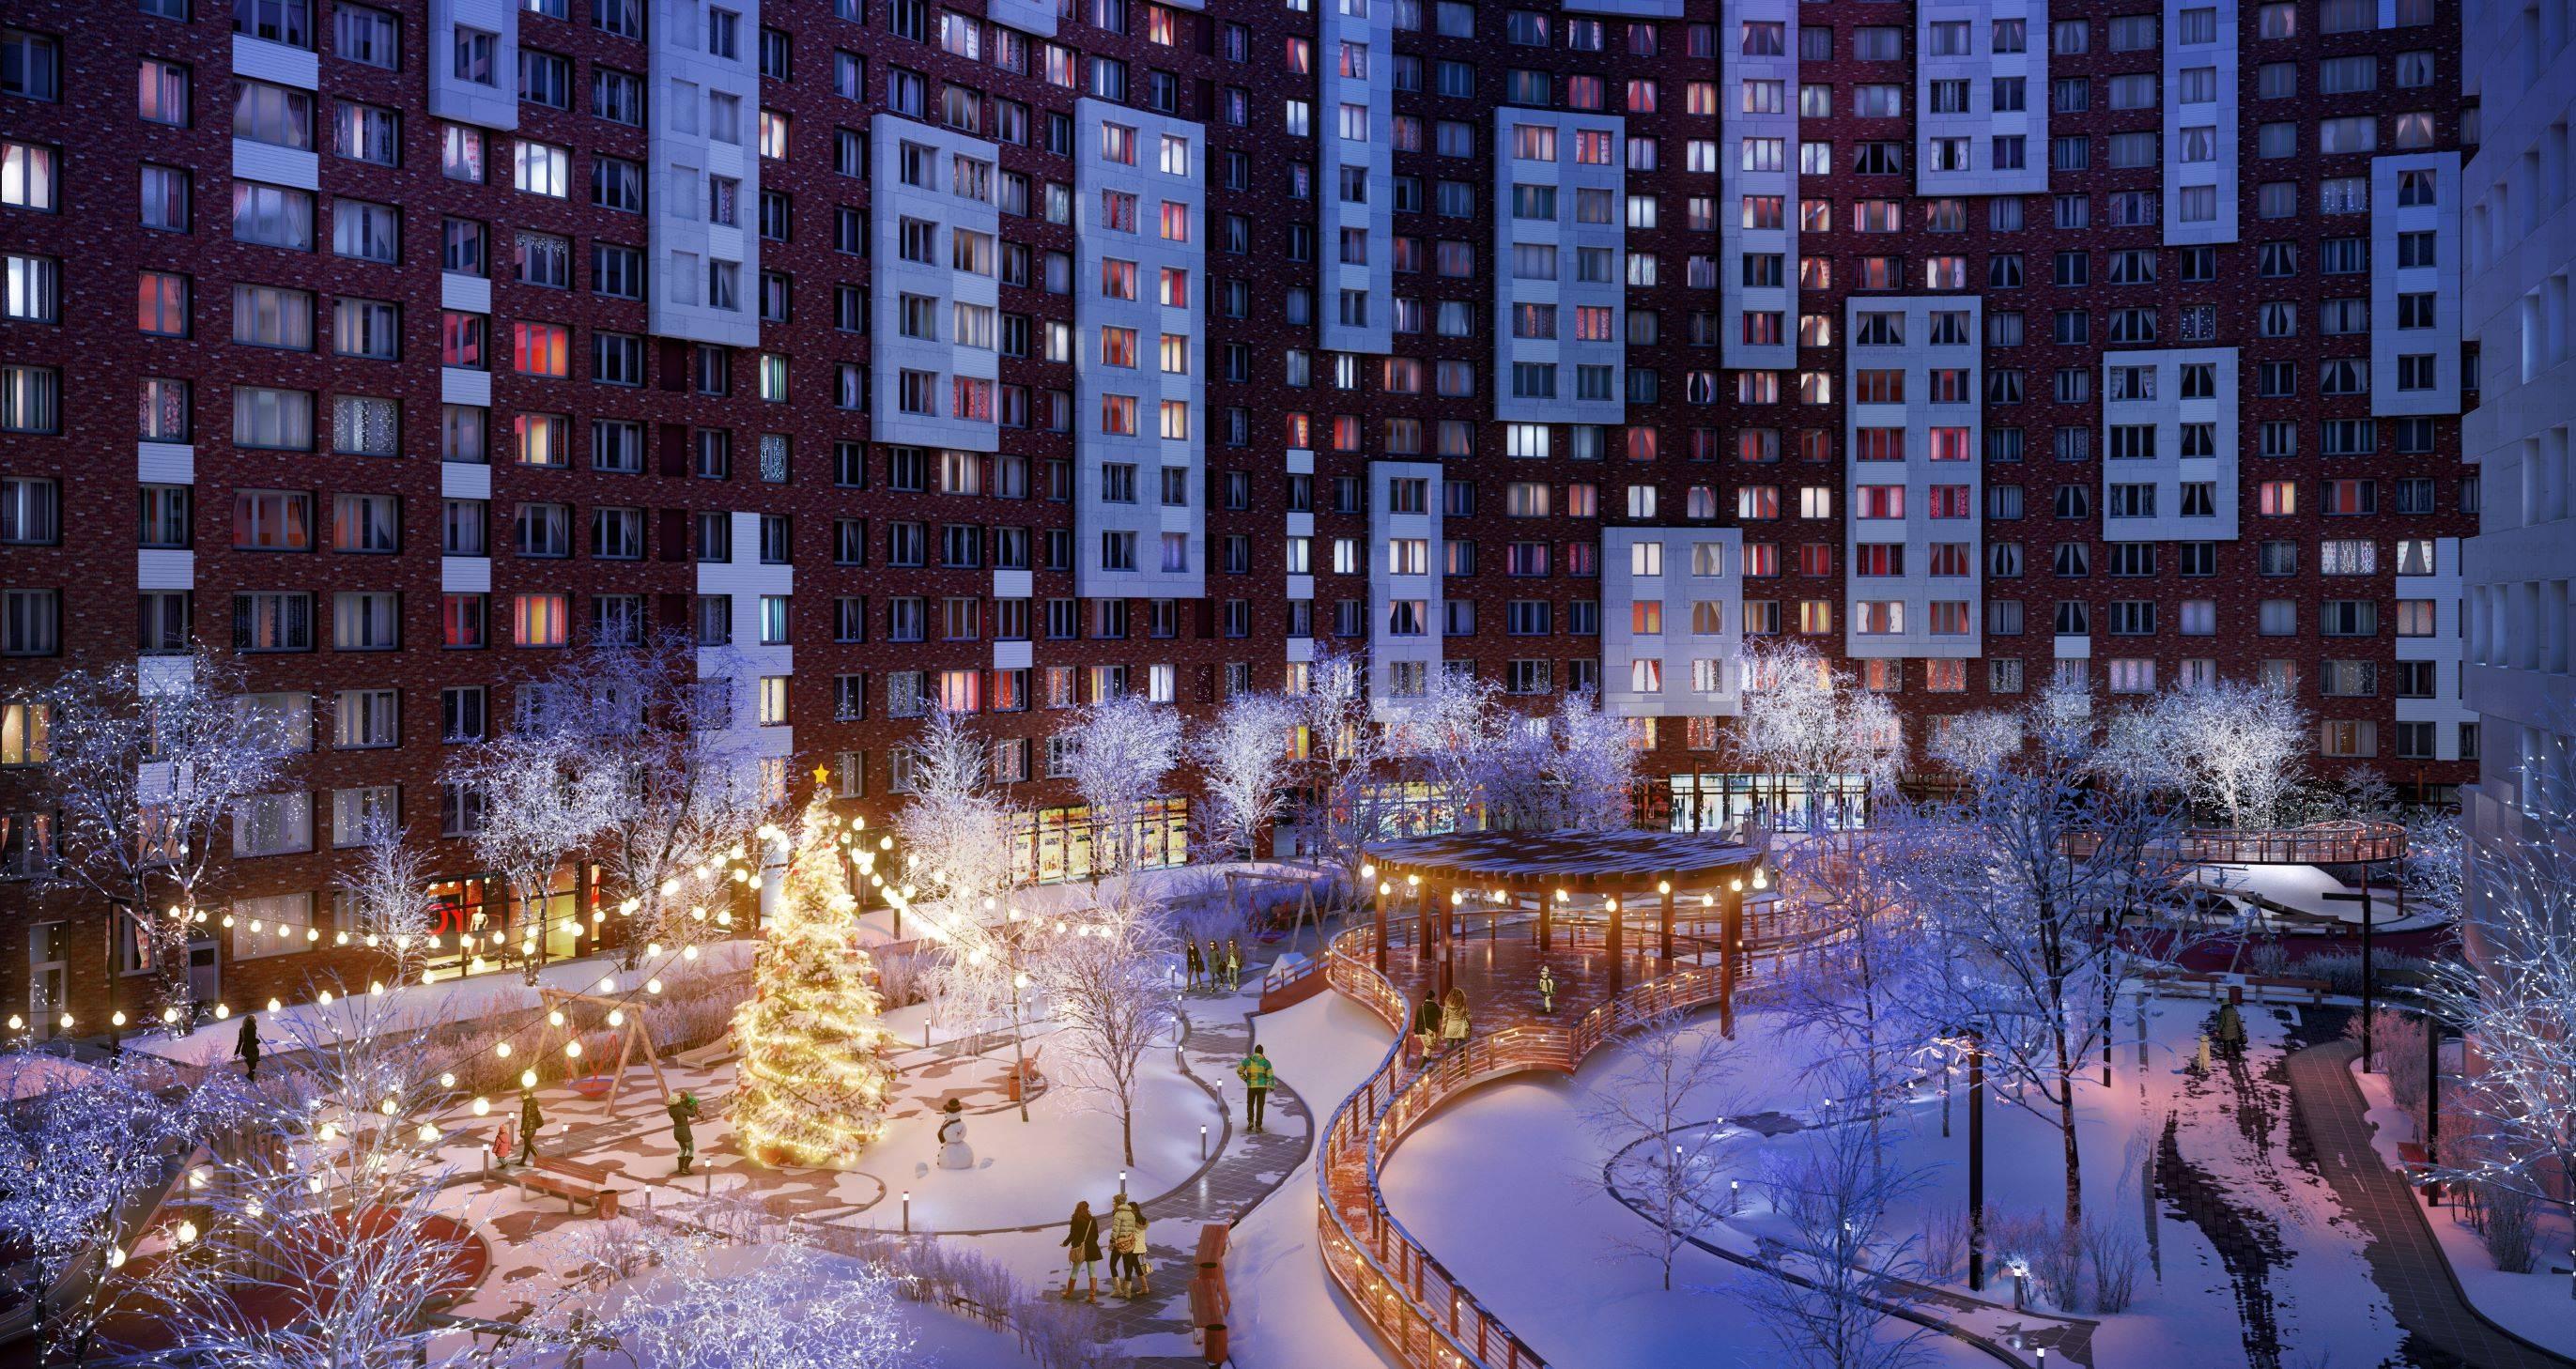 В ЖК «Румянцево-Парк» стартовали предновогодние акции с выгодой до 1 млн рублей